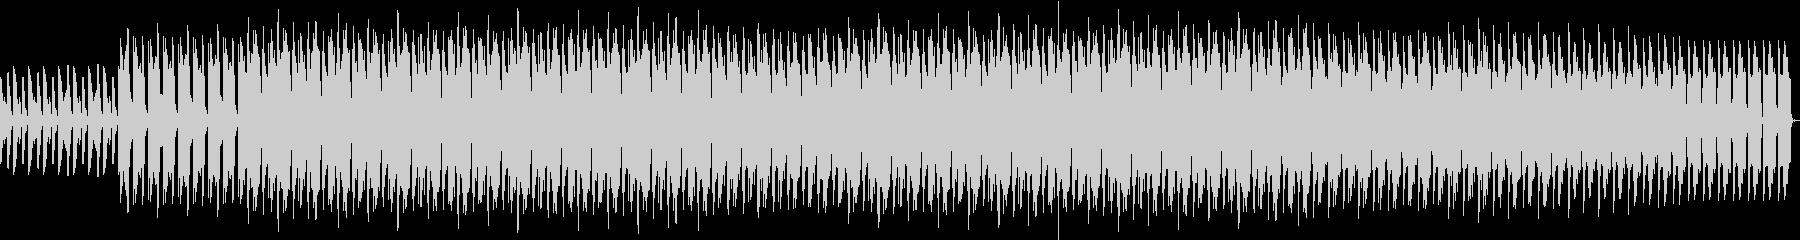 ピアノと笛がベースのエレクトロの未再生の波形